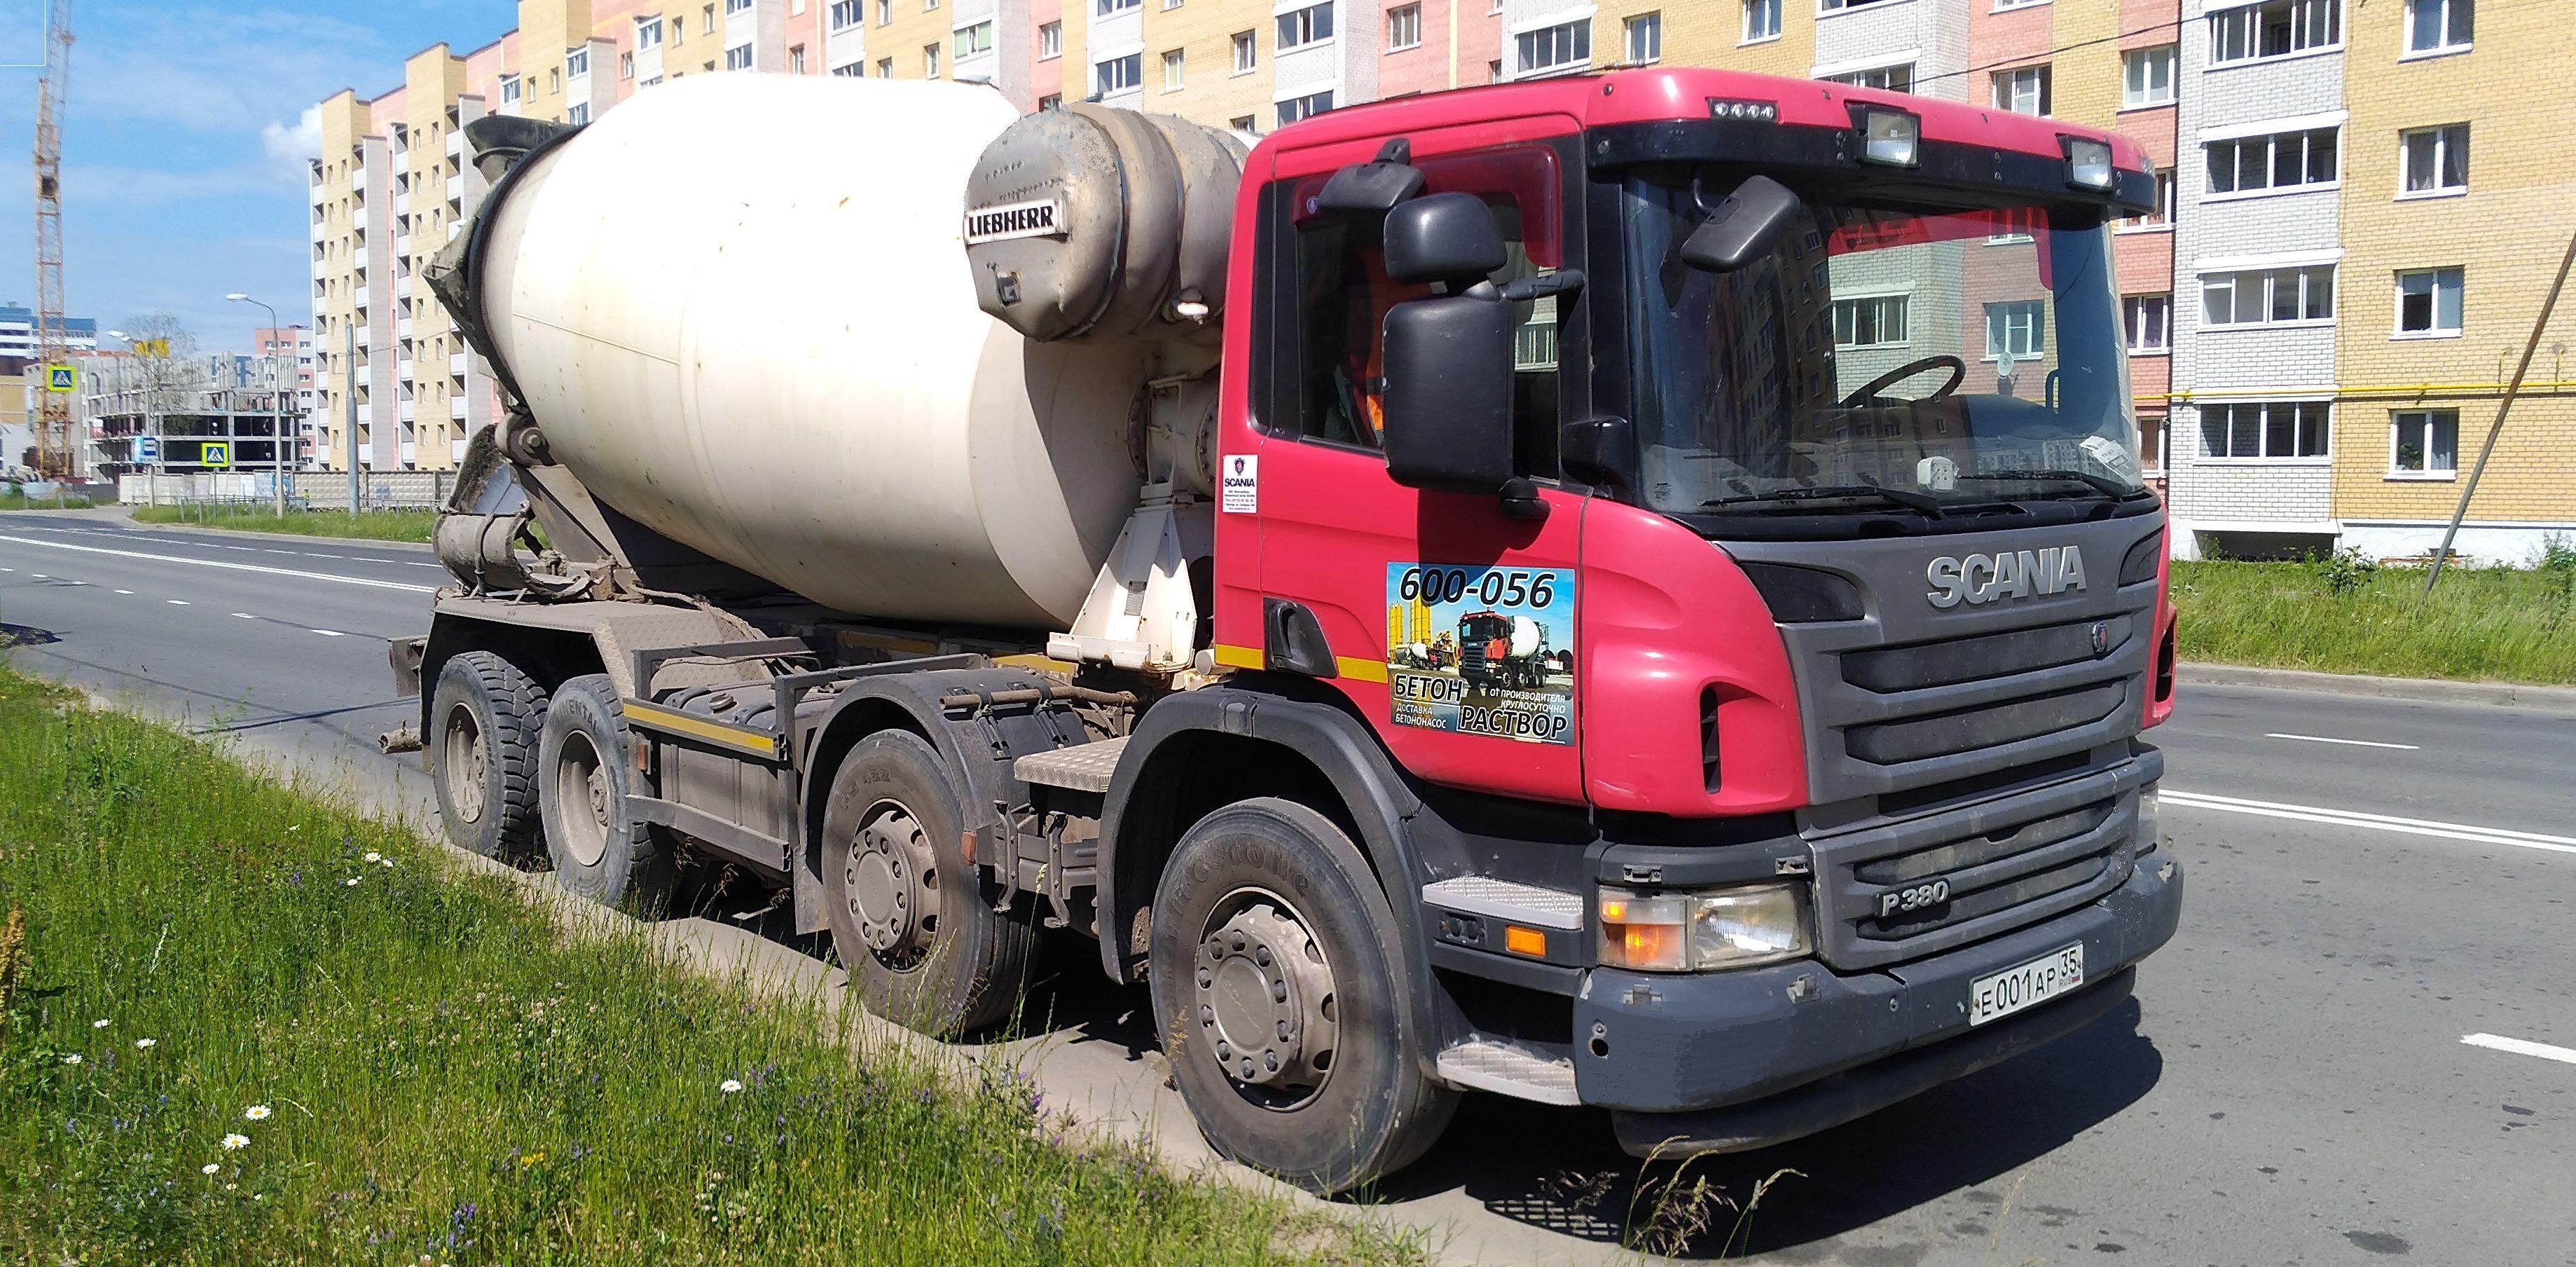 Купить бетон в череповце с доставкой цена температура бетонной смеси перед укладкой